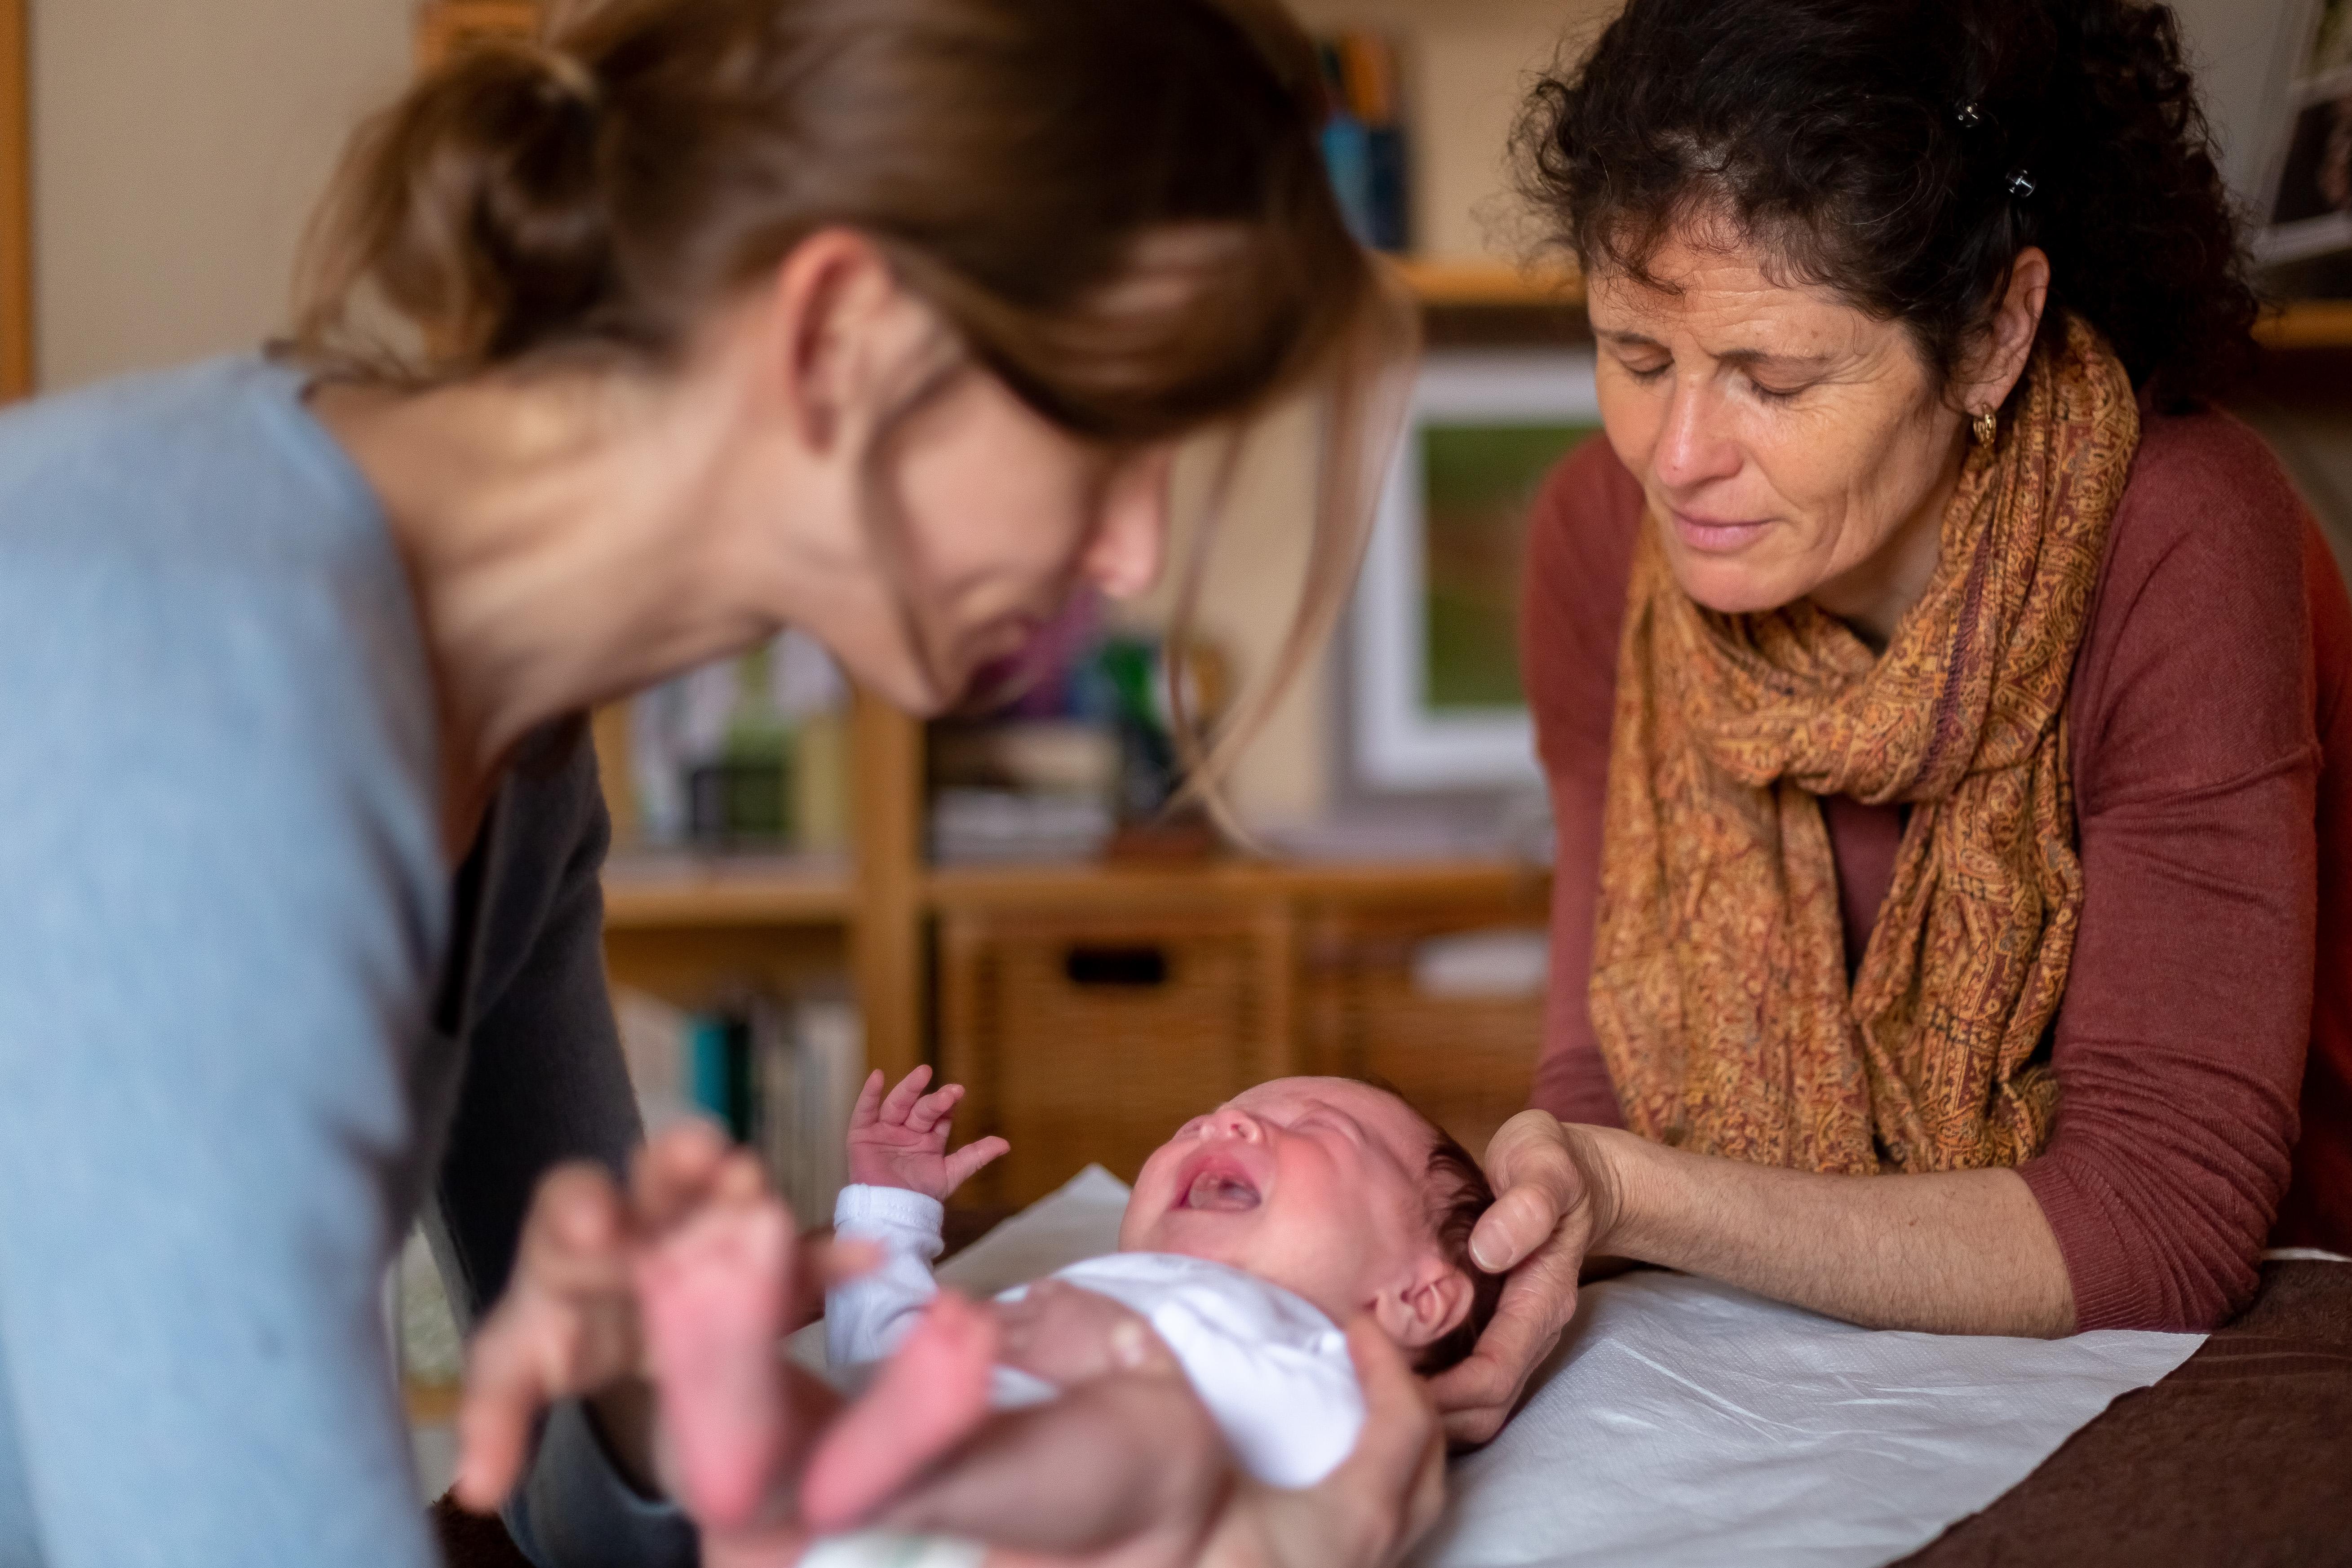 séance de somatopathie mère bébé